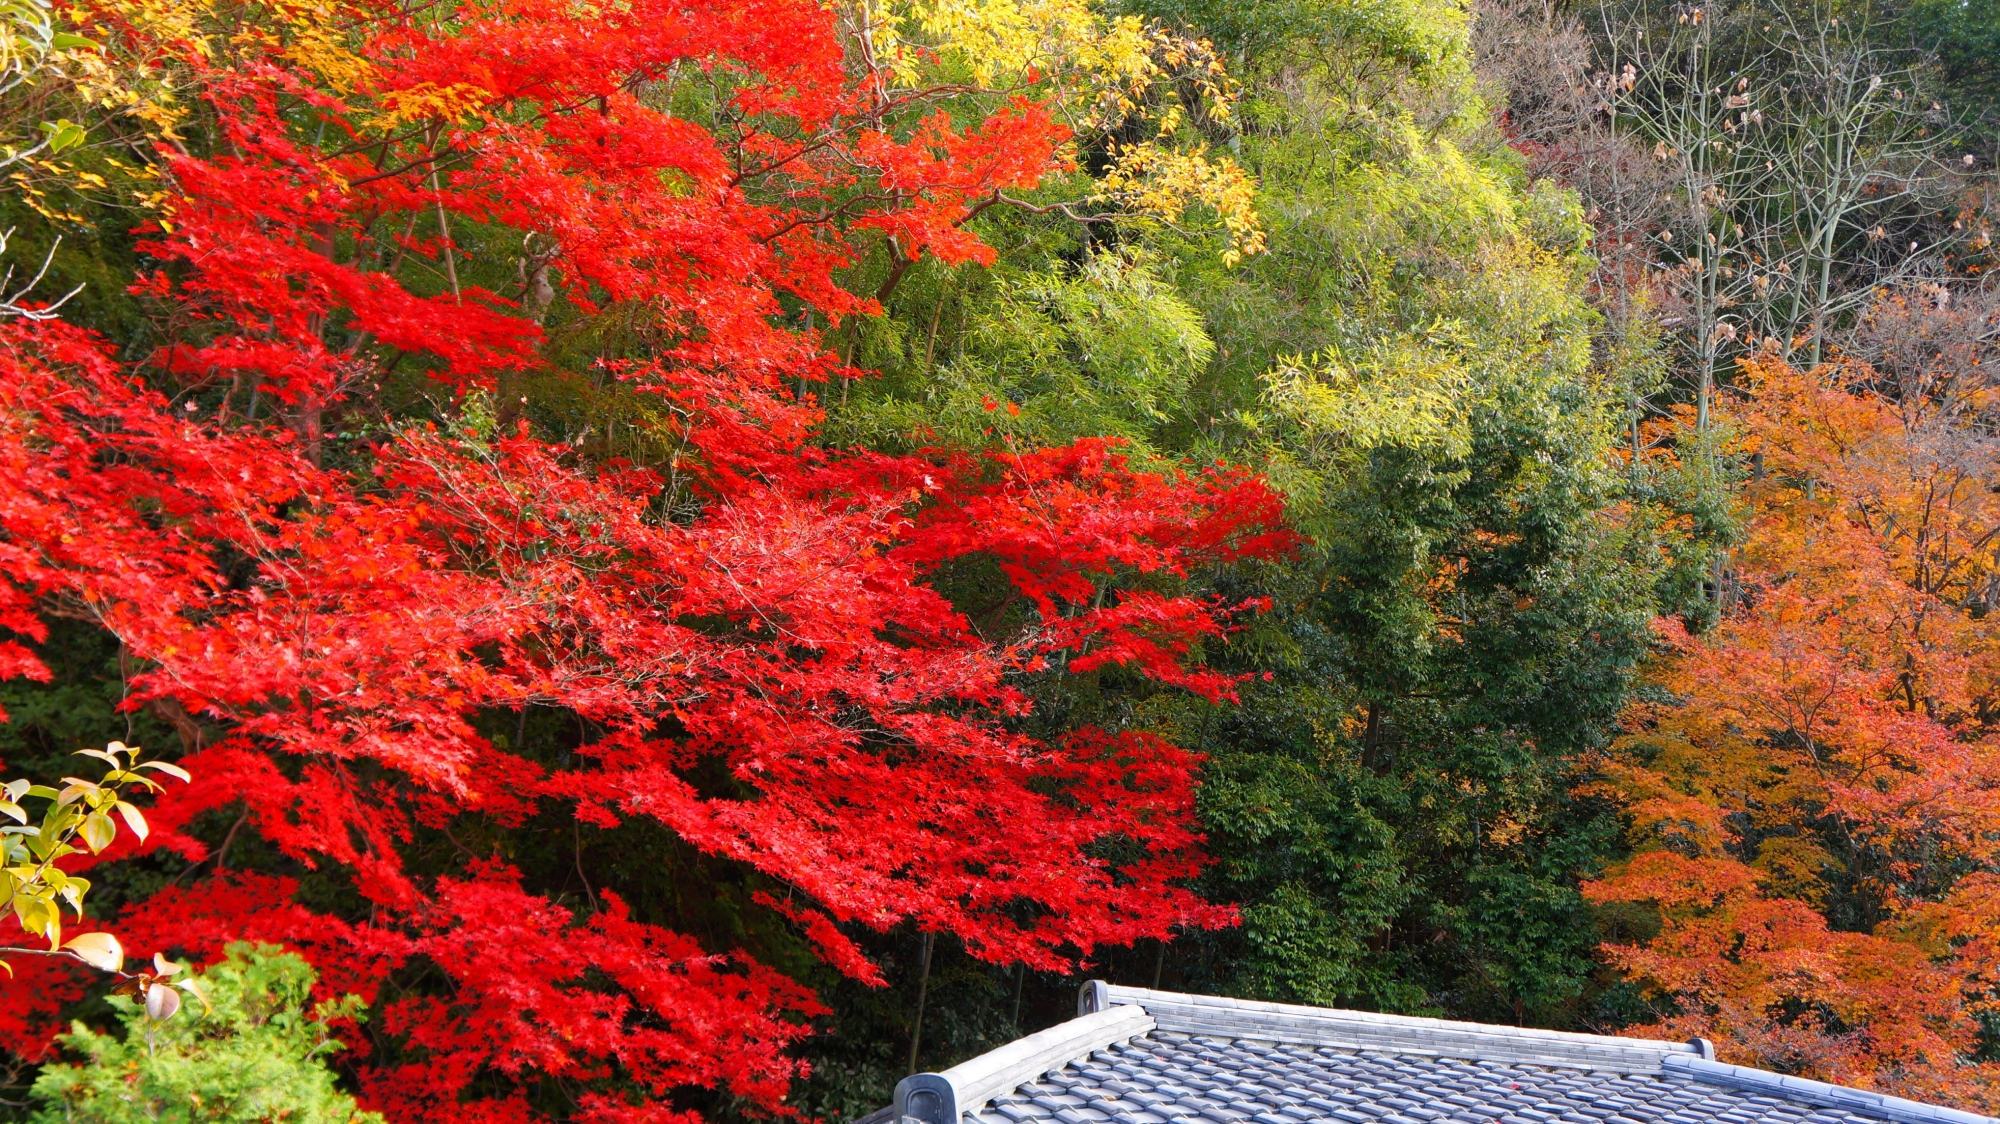 物凄い彩りの燃えるような真っ赤な紅葉